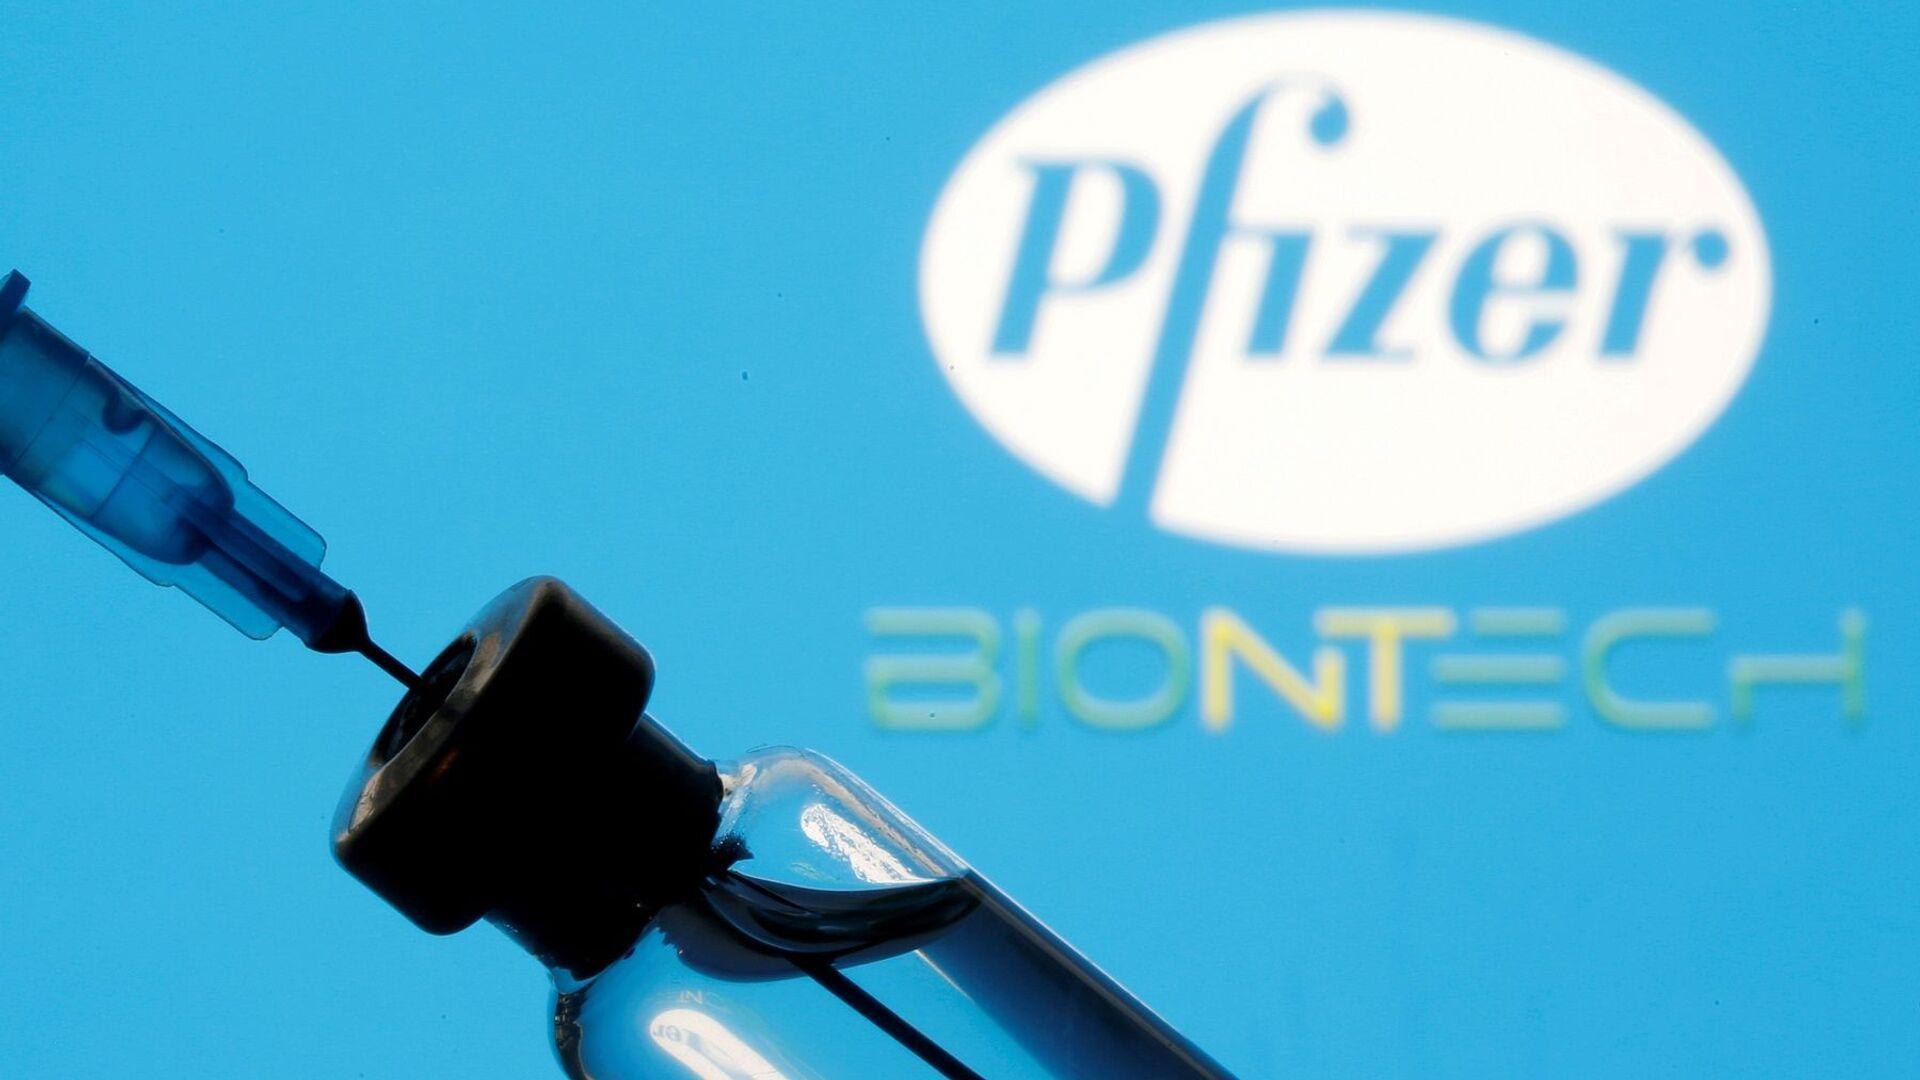 Pfizer - Biontech - koronavirüs aşısı - Sputnik Türkiye, 1920, 26.05.2021